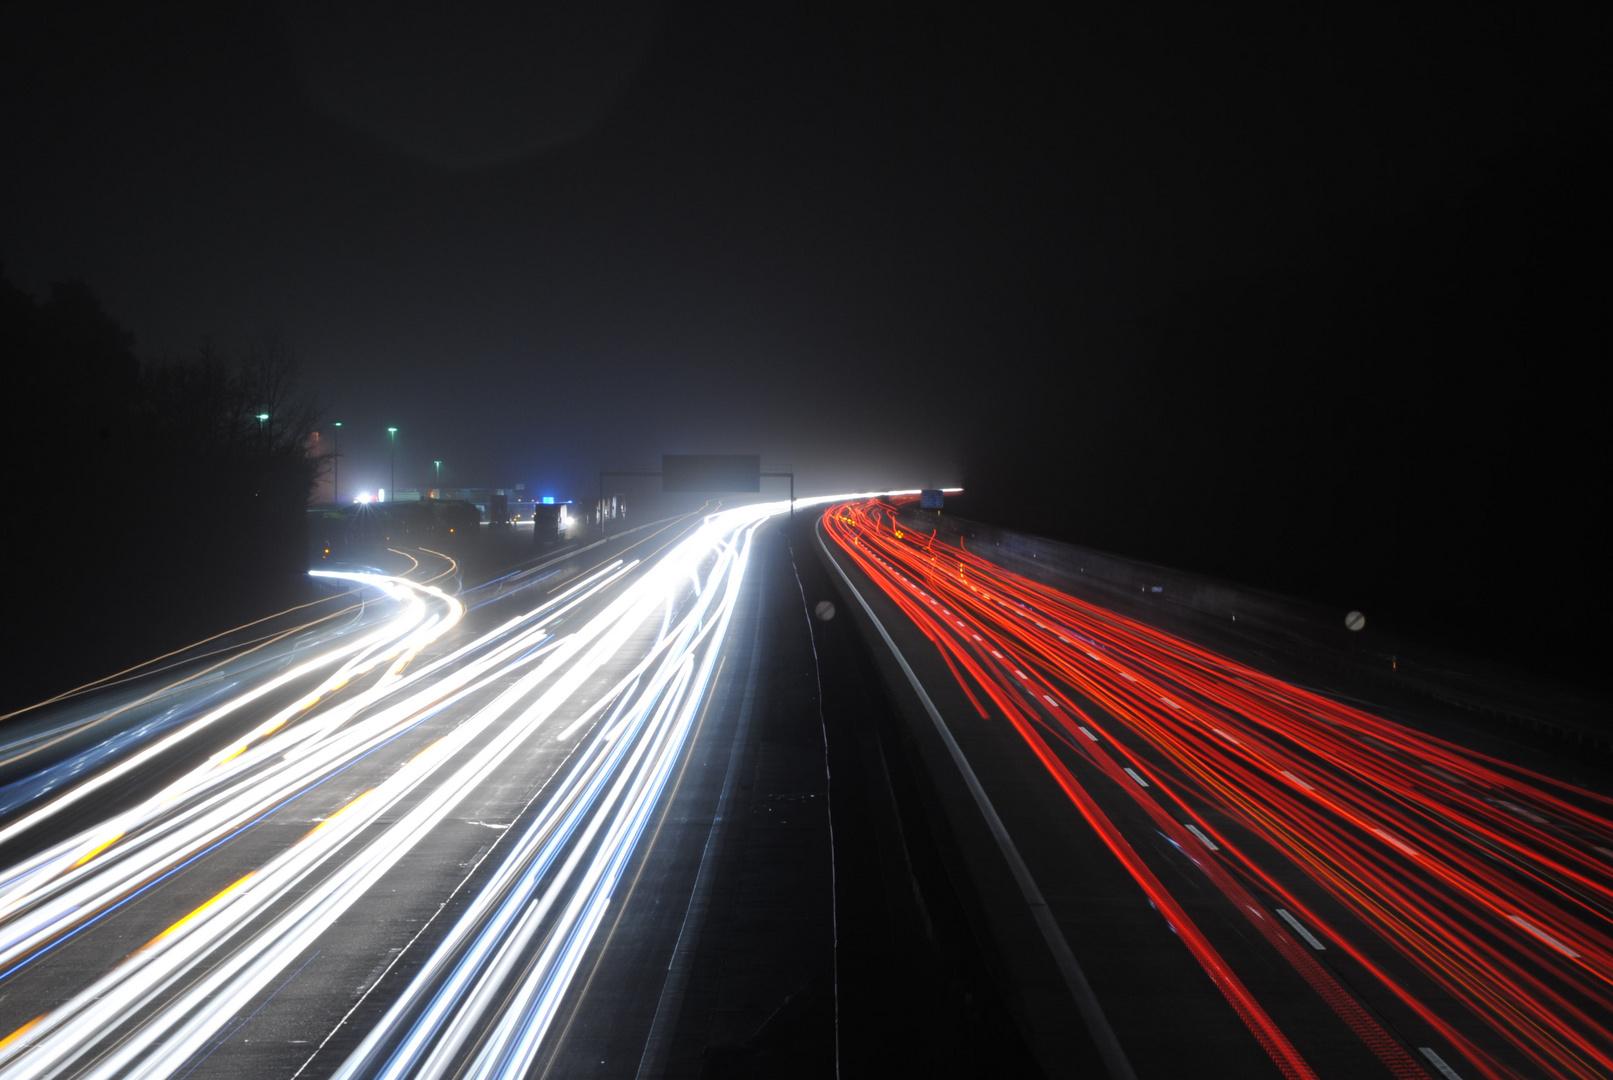 Autobahn @ Night 2